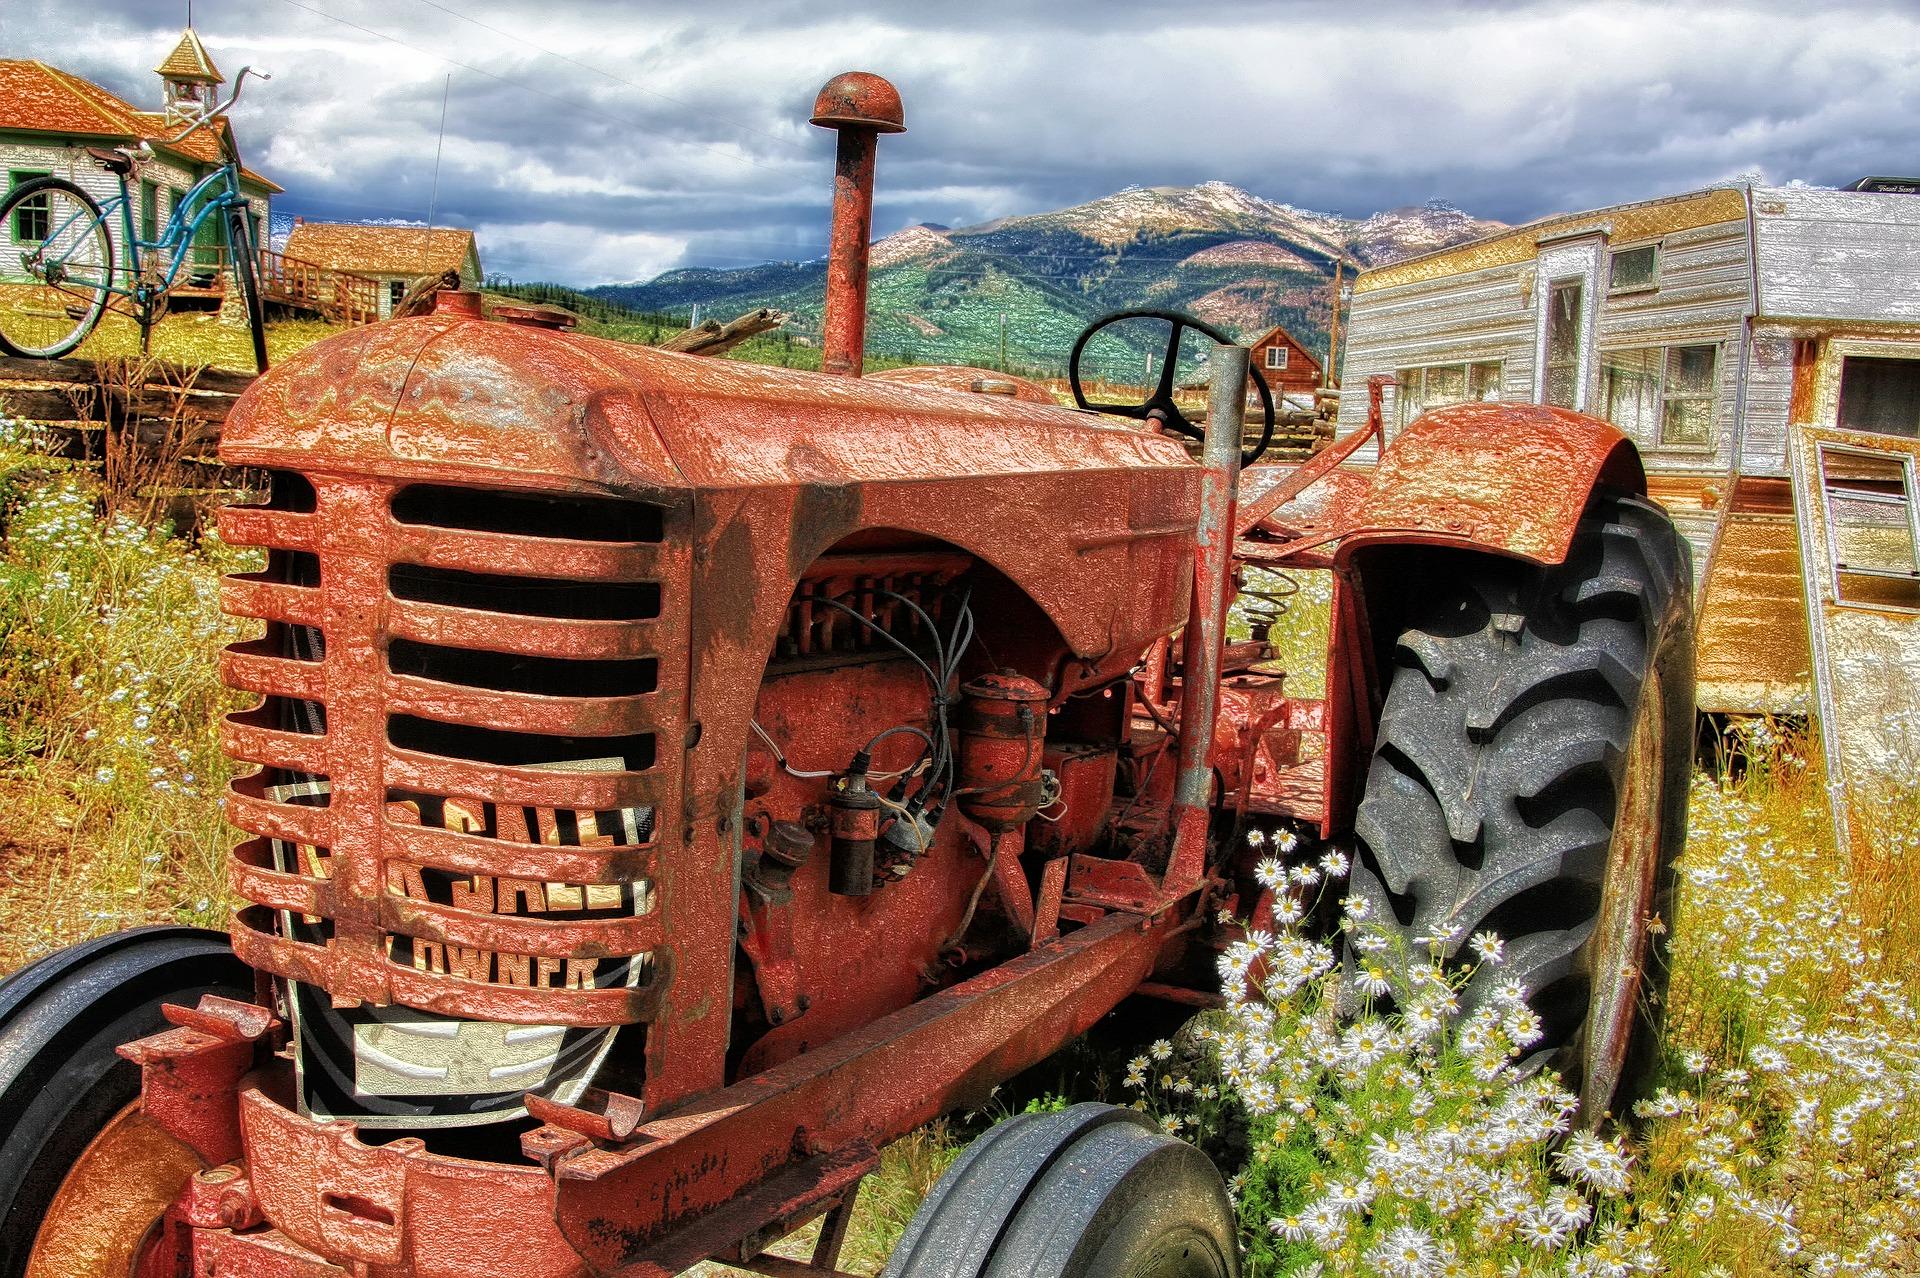 czesci zamienne do traktora